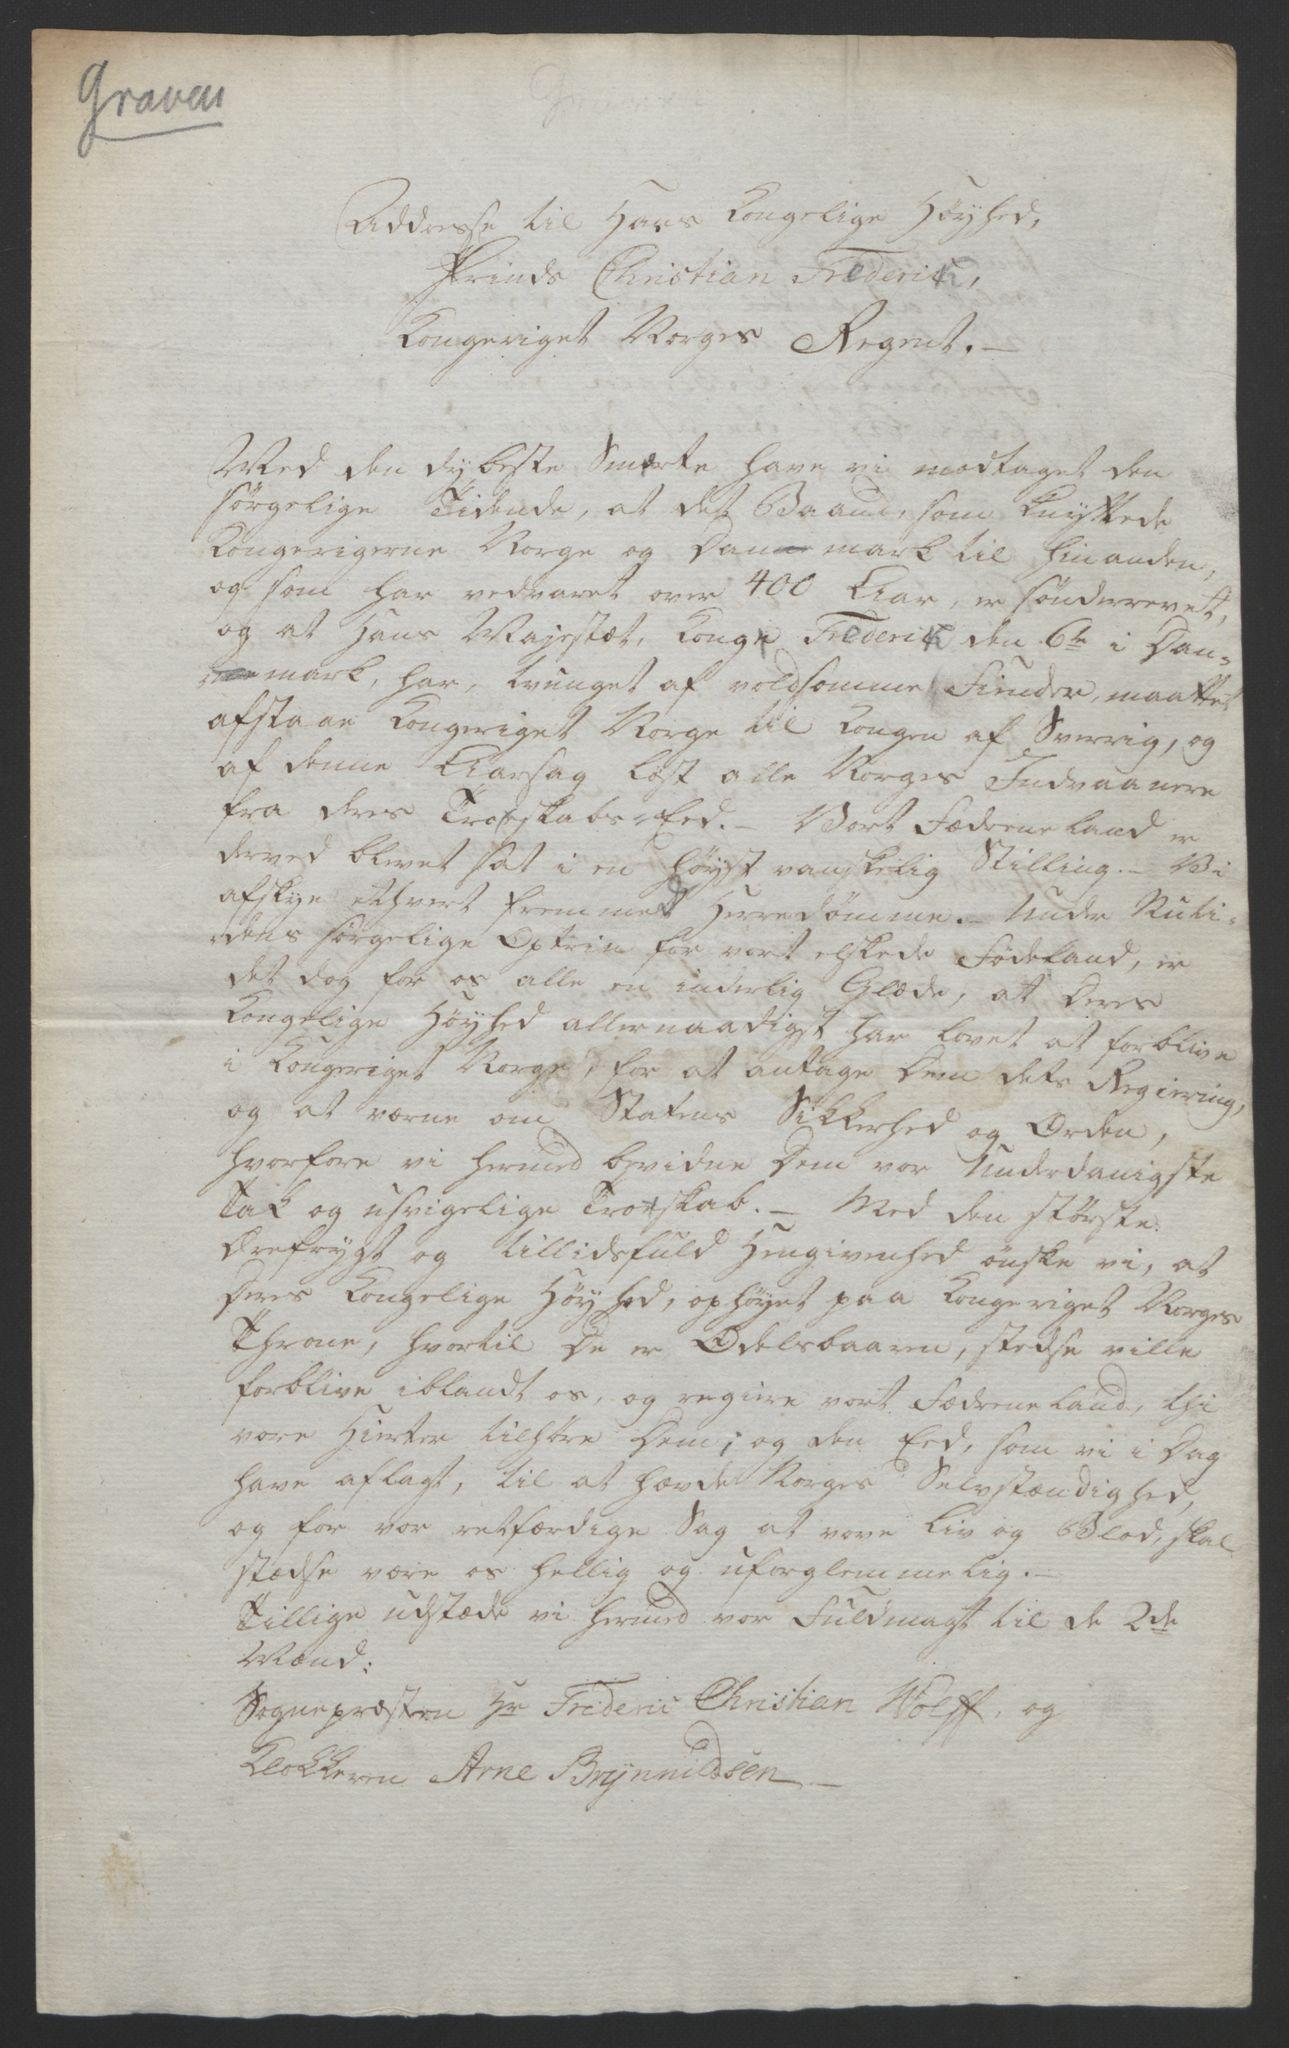 RA, Statsrådssekretariatet, D/Db/L0008: Fullmakter for Eidsvollsrepresentantene i 1814. , 1814, s. 277